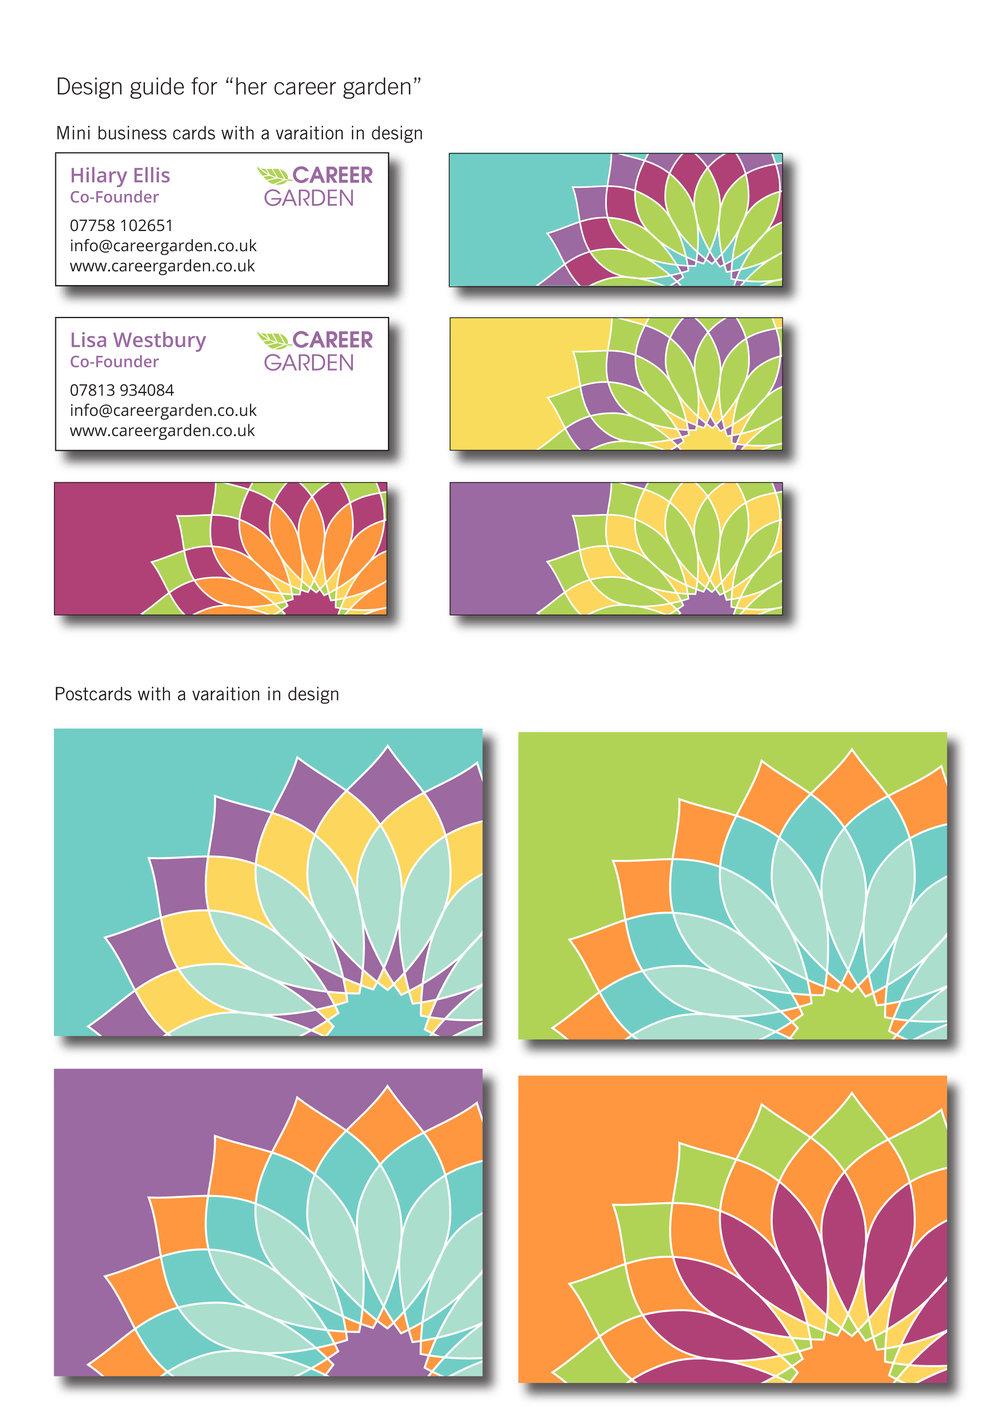 Her Career Garden_Design guide_web-3.jpg